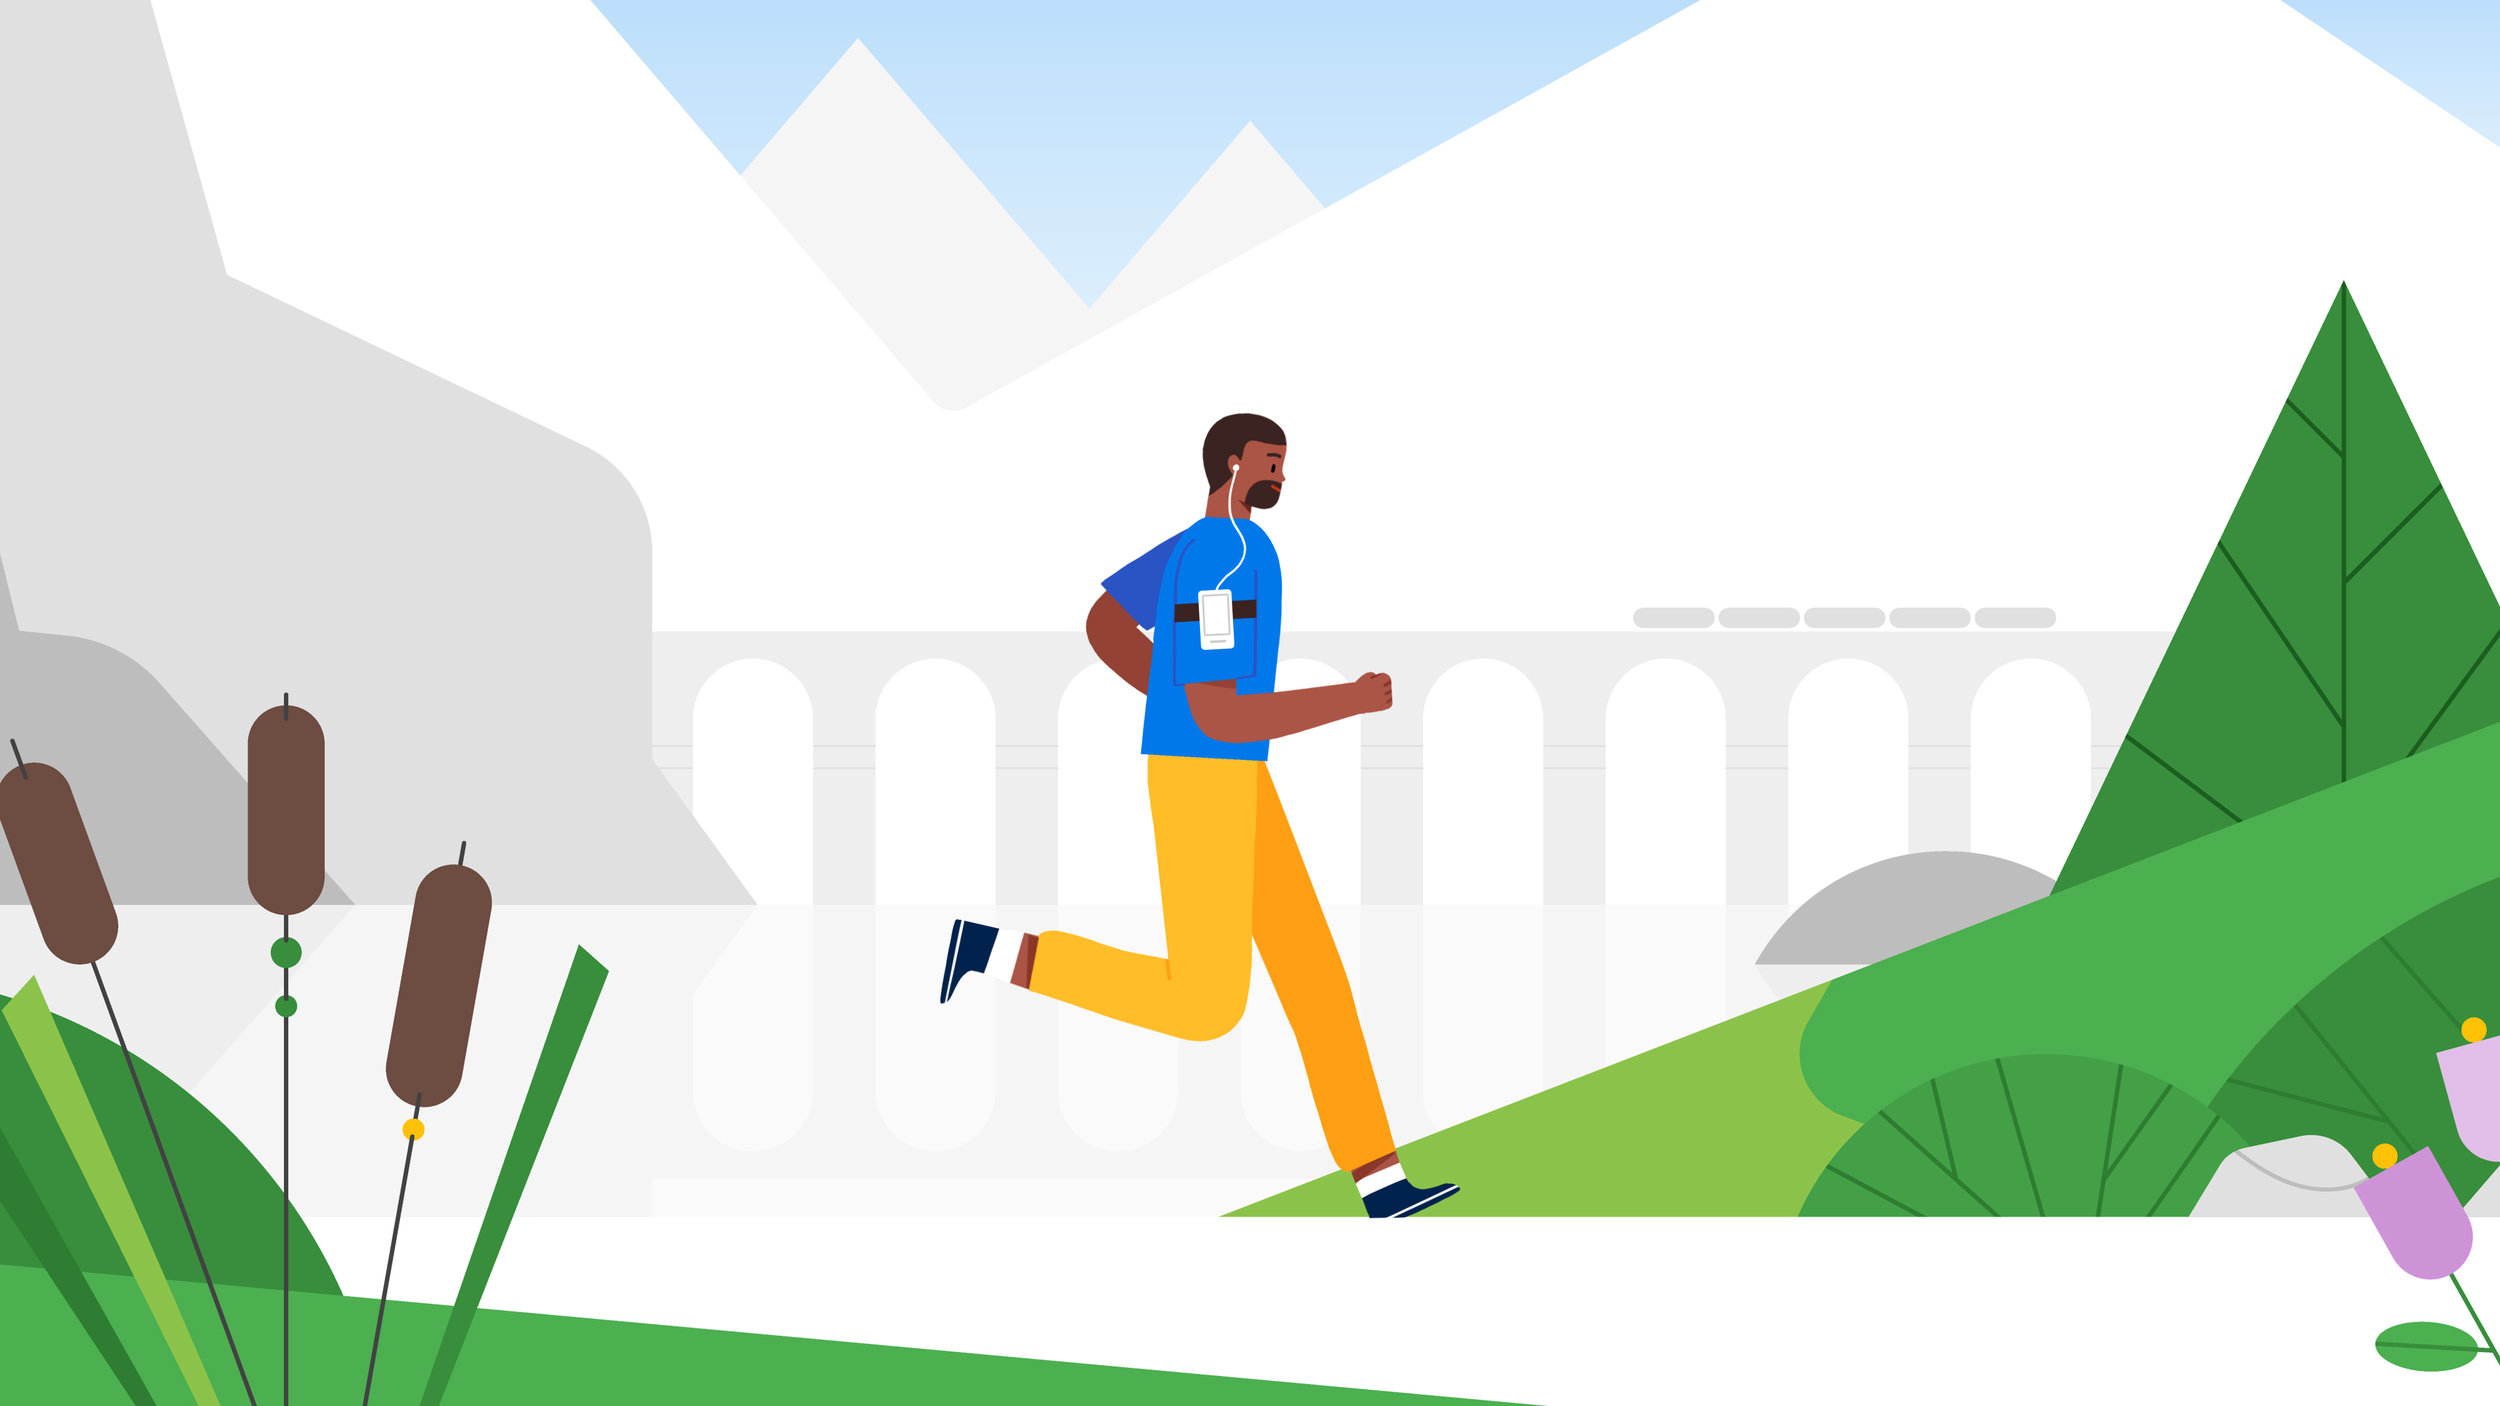 Google вводит новые правила публикации приложений для Wear OS и готовит фитнес-ассистента Google Coach для умных часов Pixel Watch